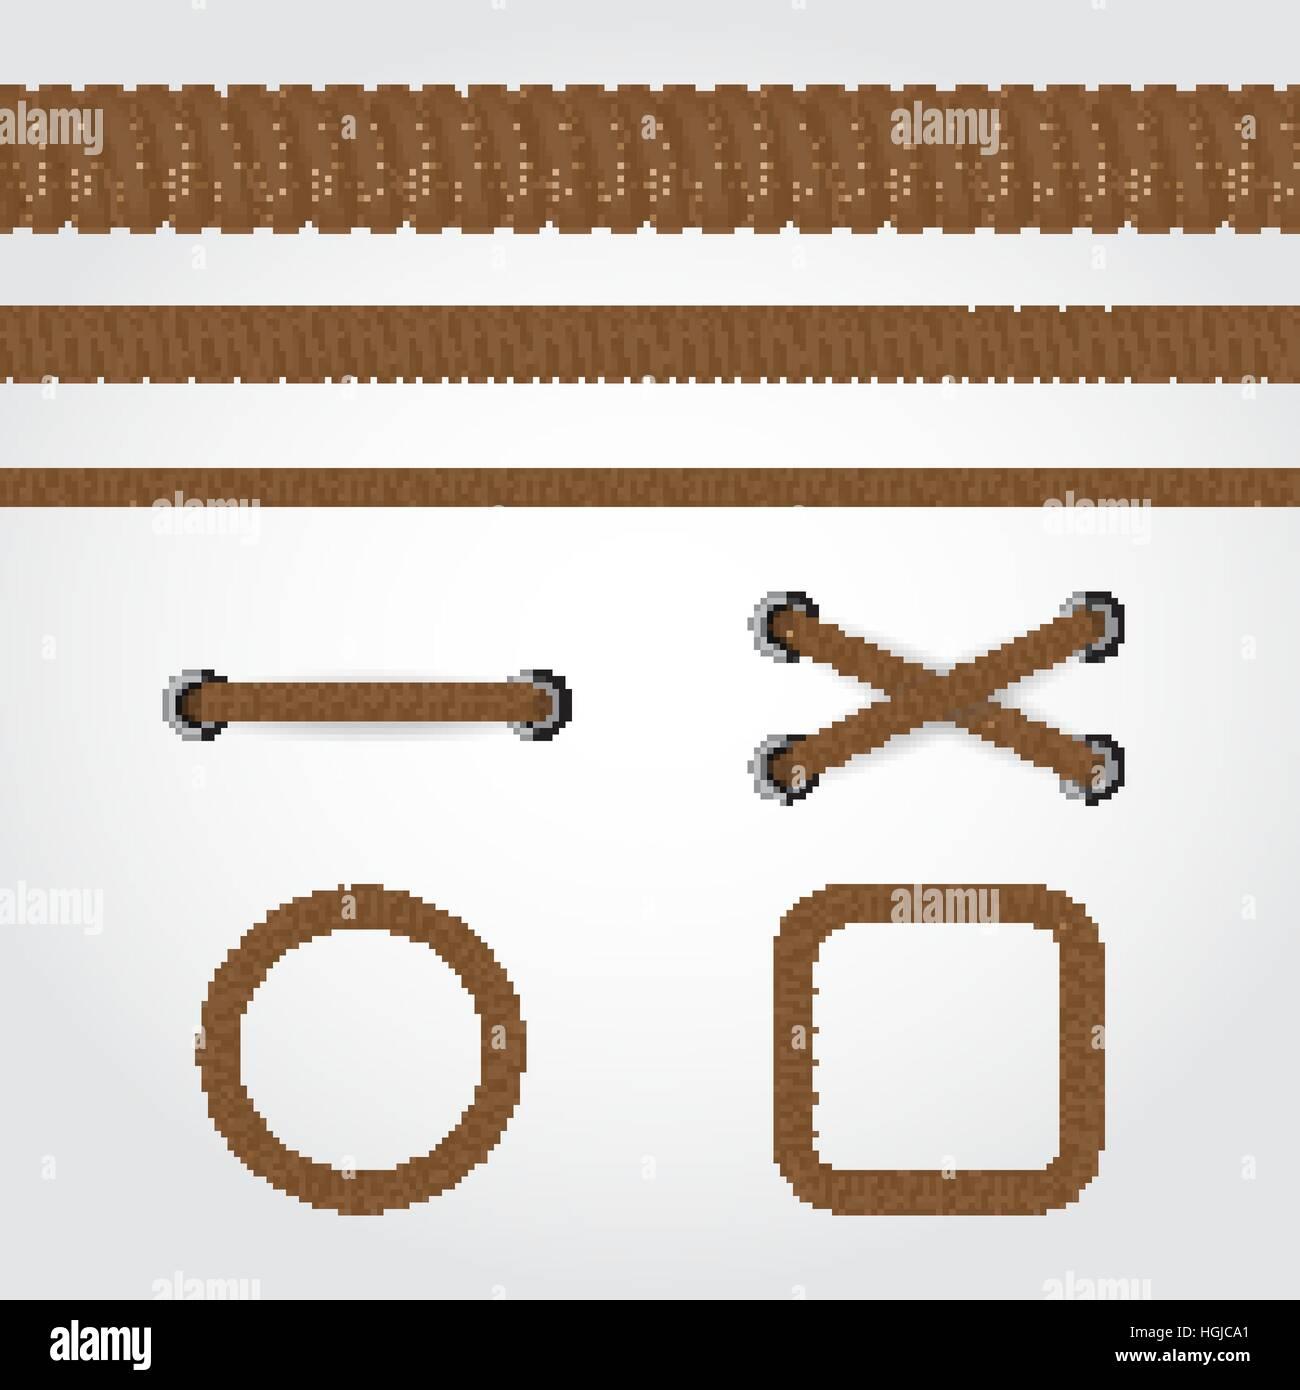 Node Vector Vectors Stockfotos & Node Vector Vectors Bilder - Alamy